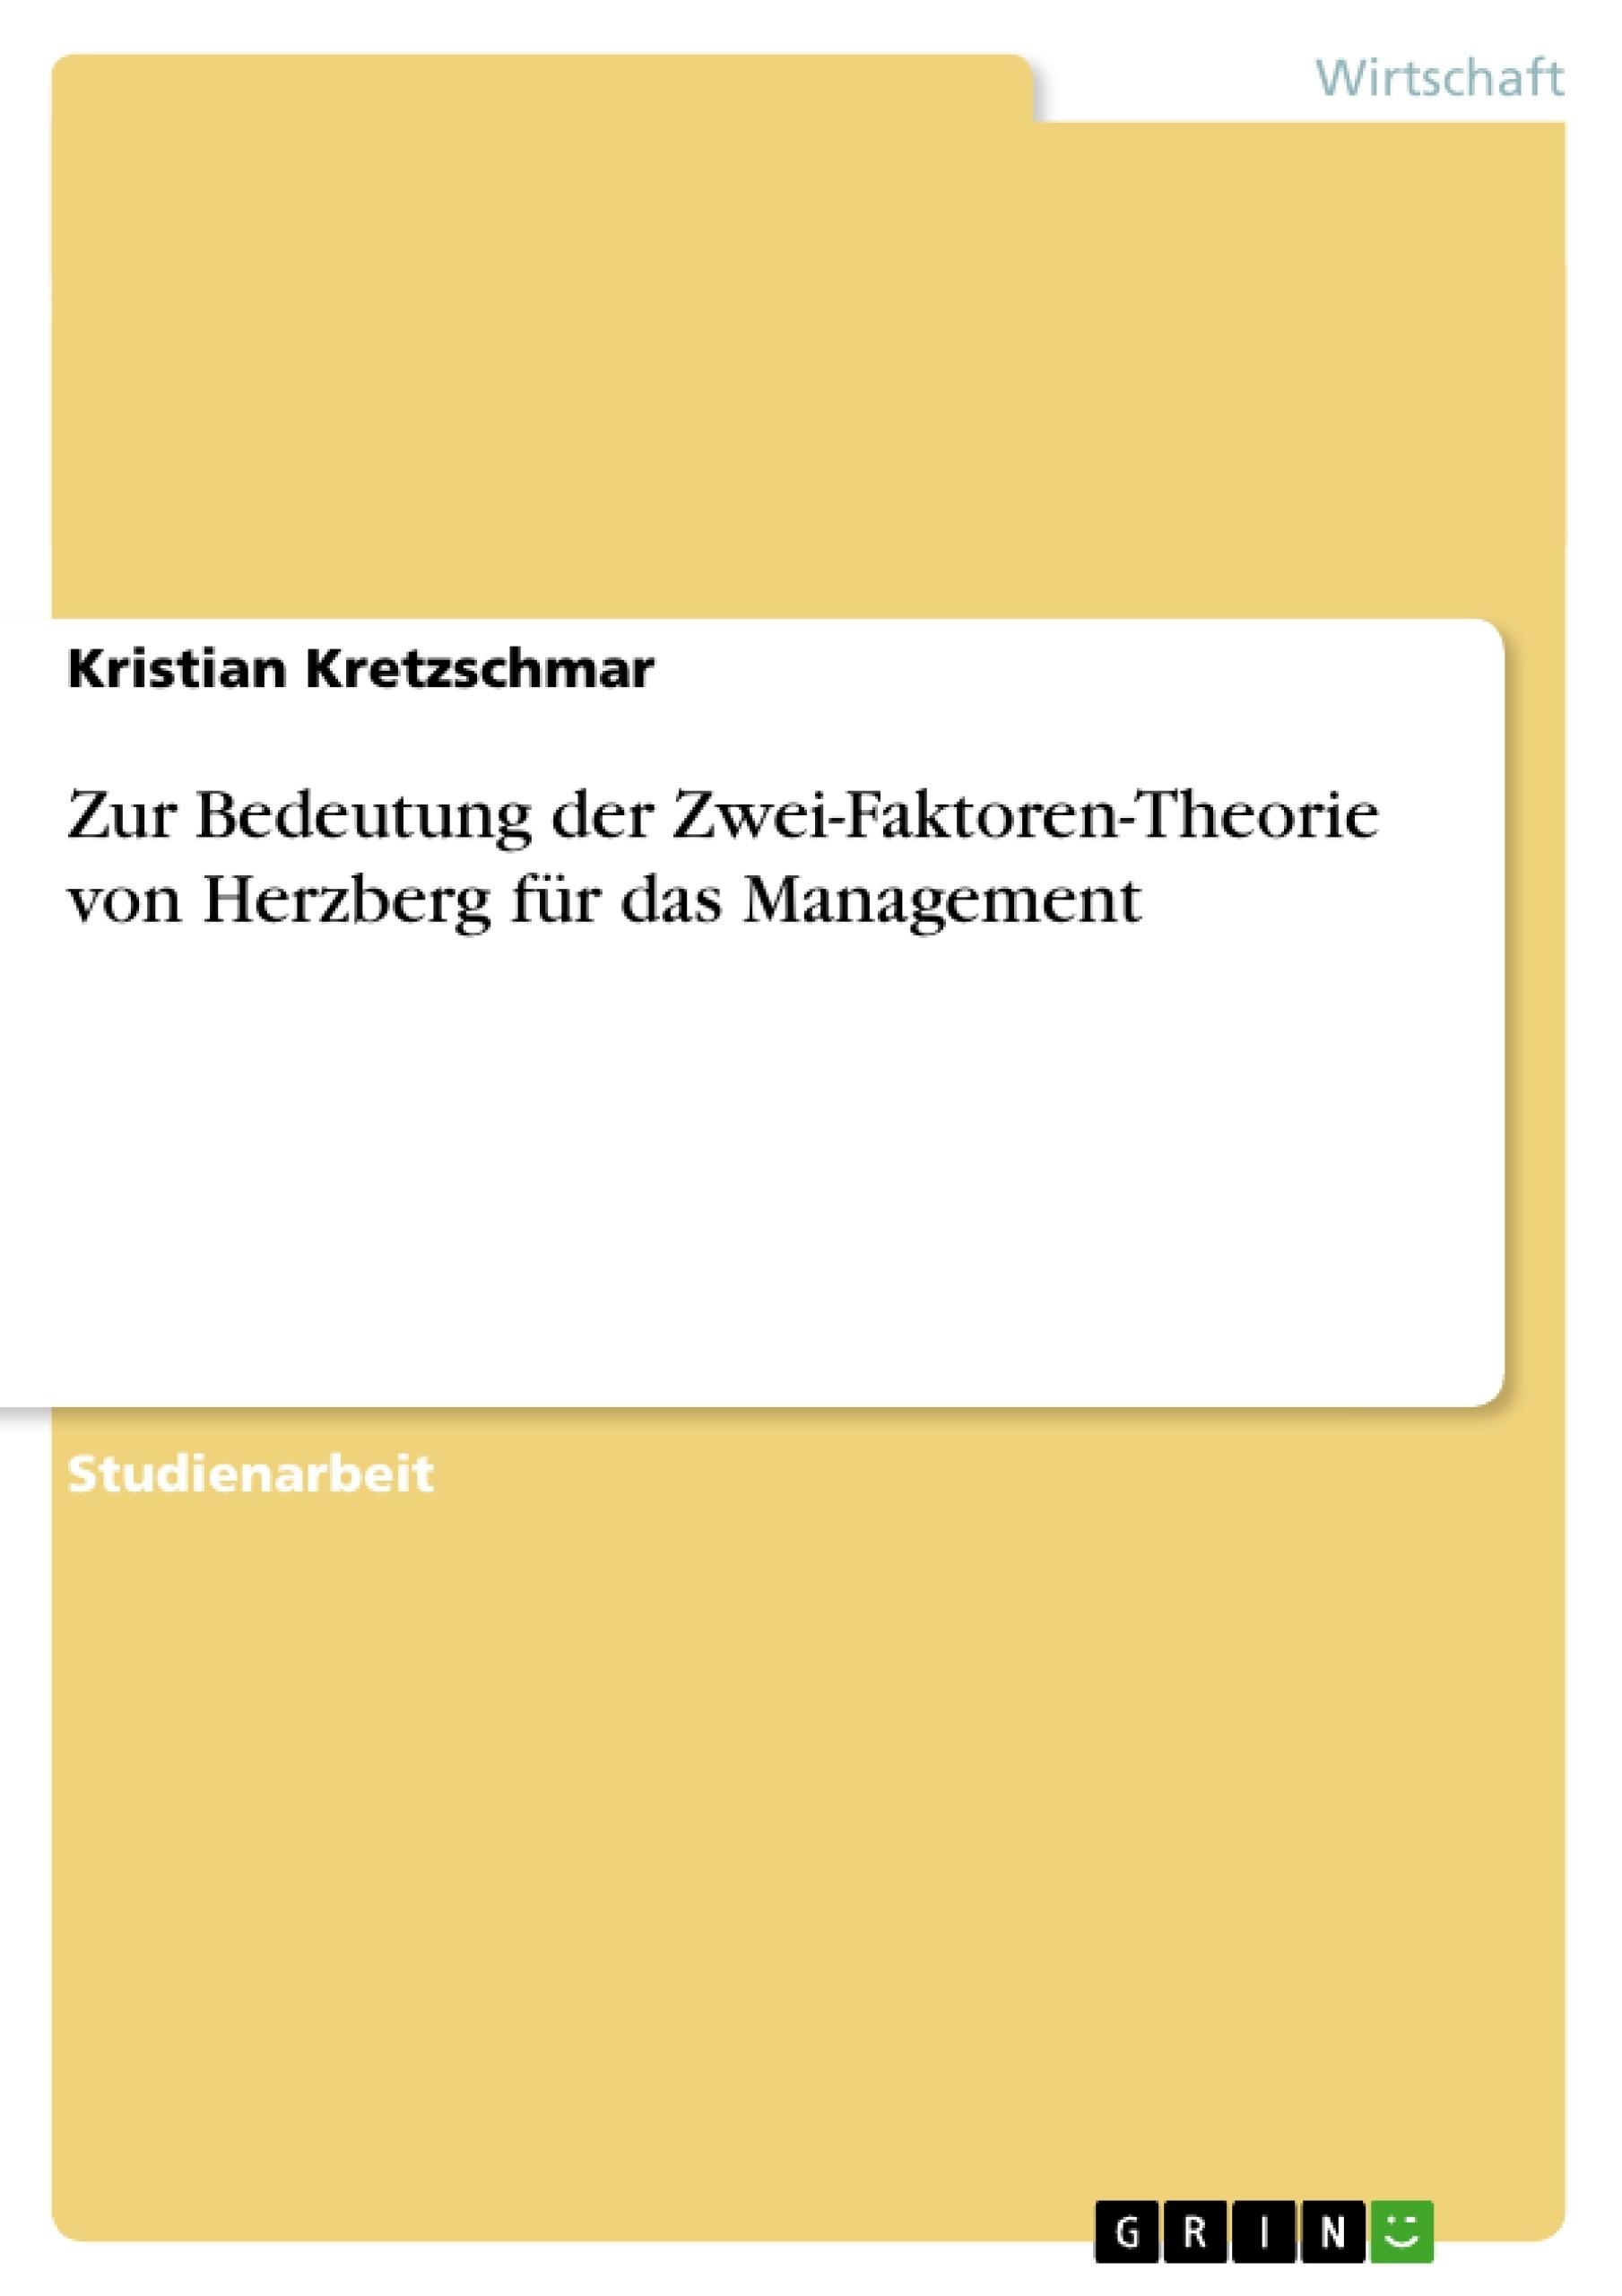 Titel: Zur Bedeutung der Zwei-Faktoren-Theorie von Herzberg für das Management